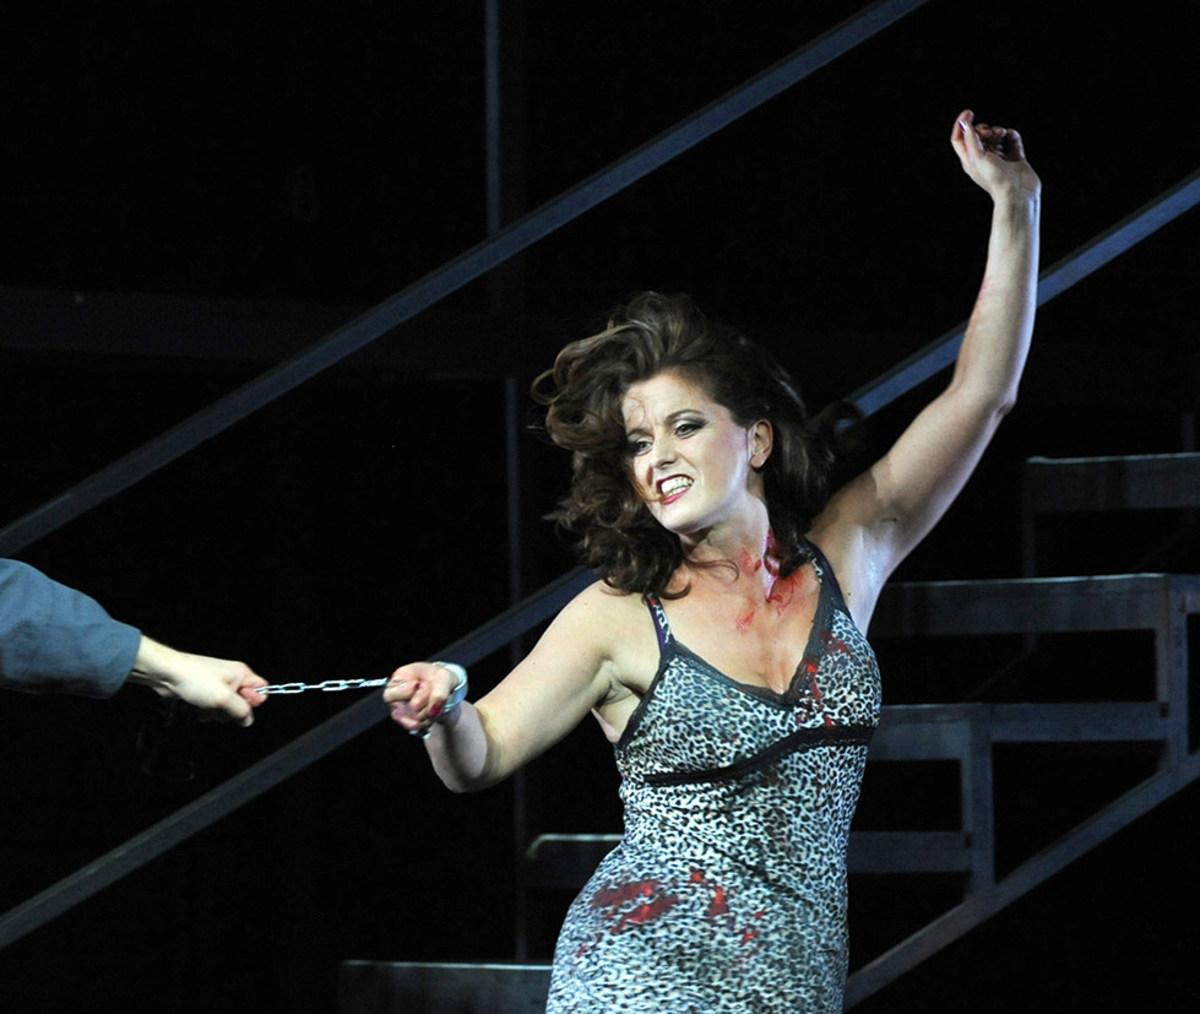 """Szene aus """"Carmen"""": Ein Handgelenk einer Sängerin ist in in Handschellen. Sie zieht an der damit verbundenen Kette, die von einem Sänger festgehalten wird"""